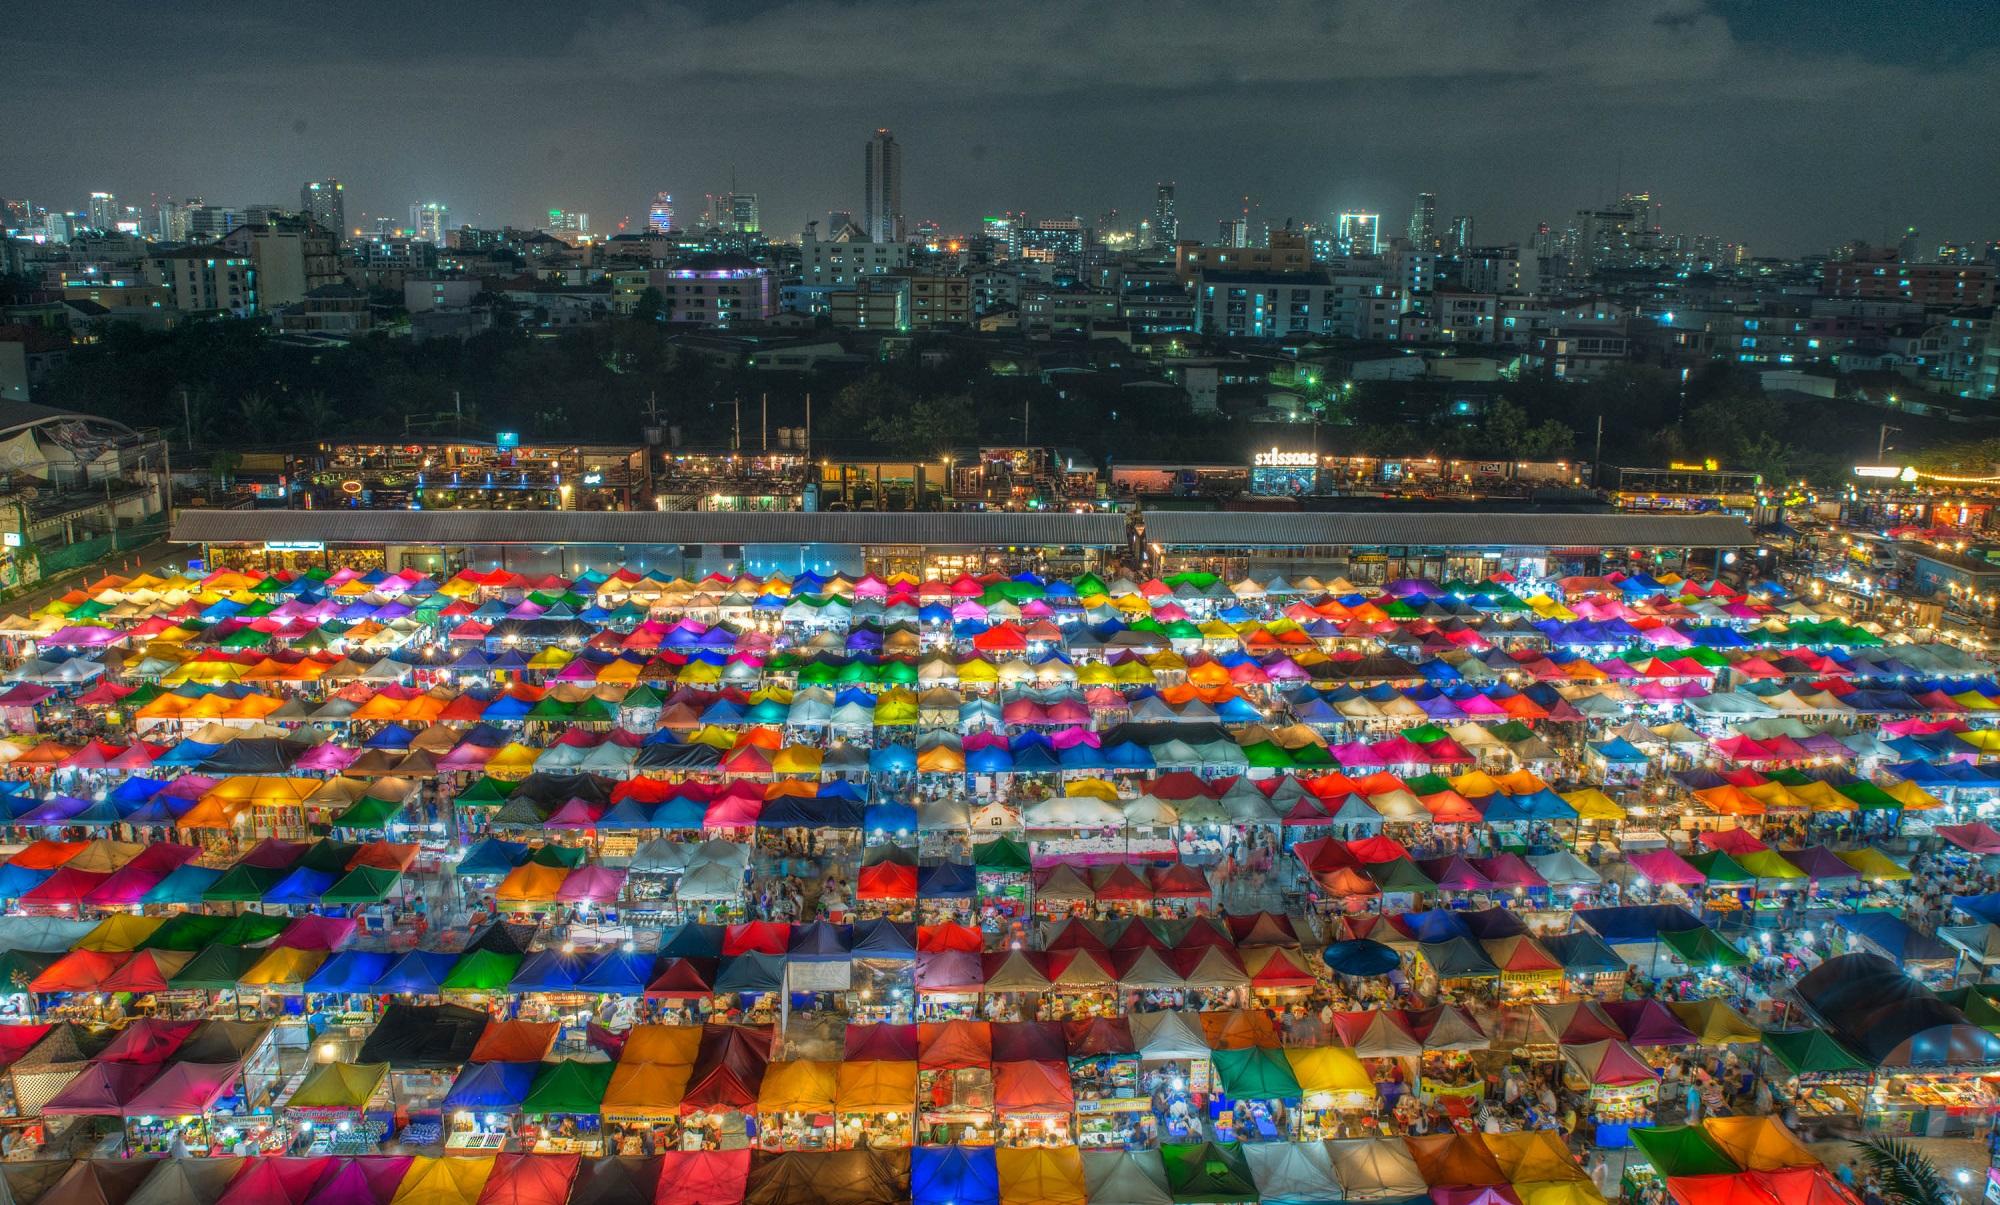 Kinh nghiệm du lịch Bangkok: Hướng dẫn chi tiết, cập nhật mới nhất